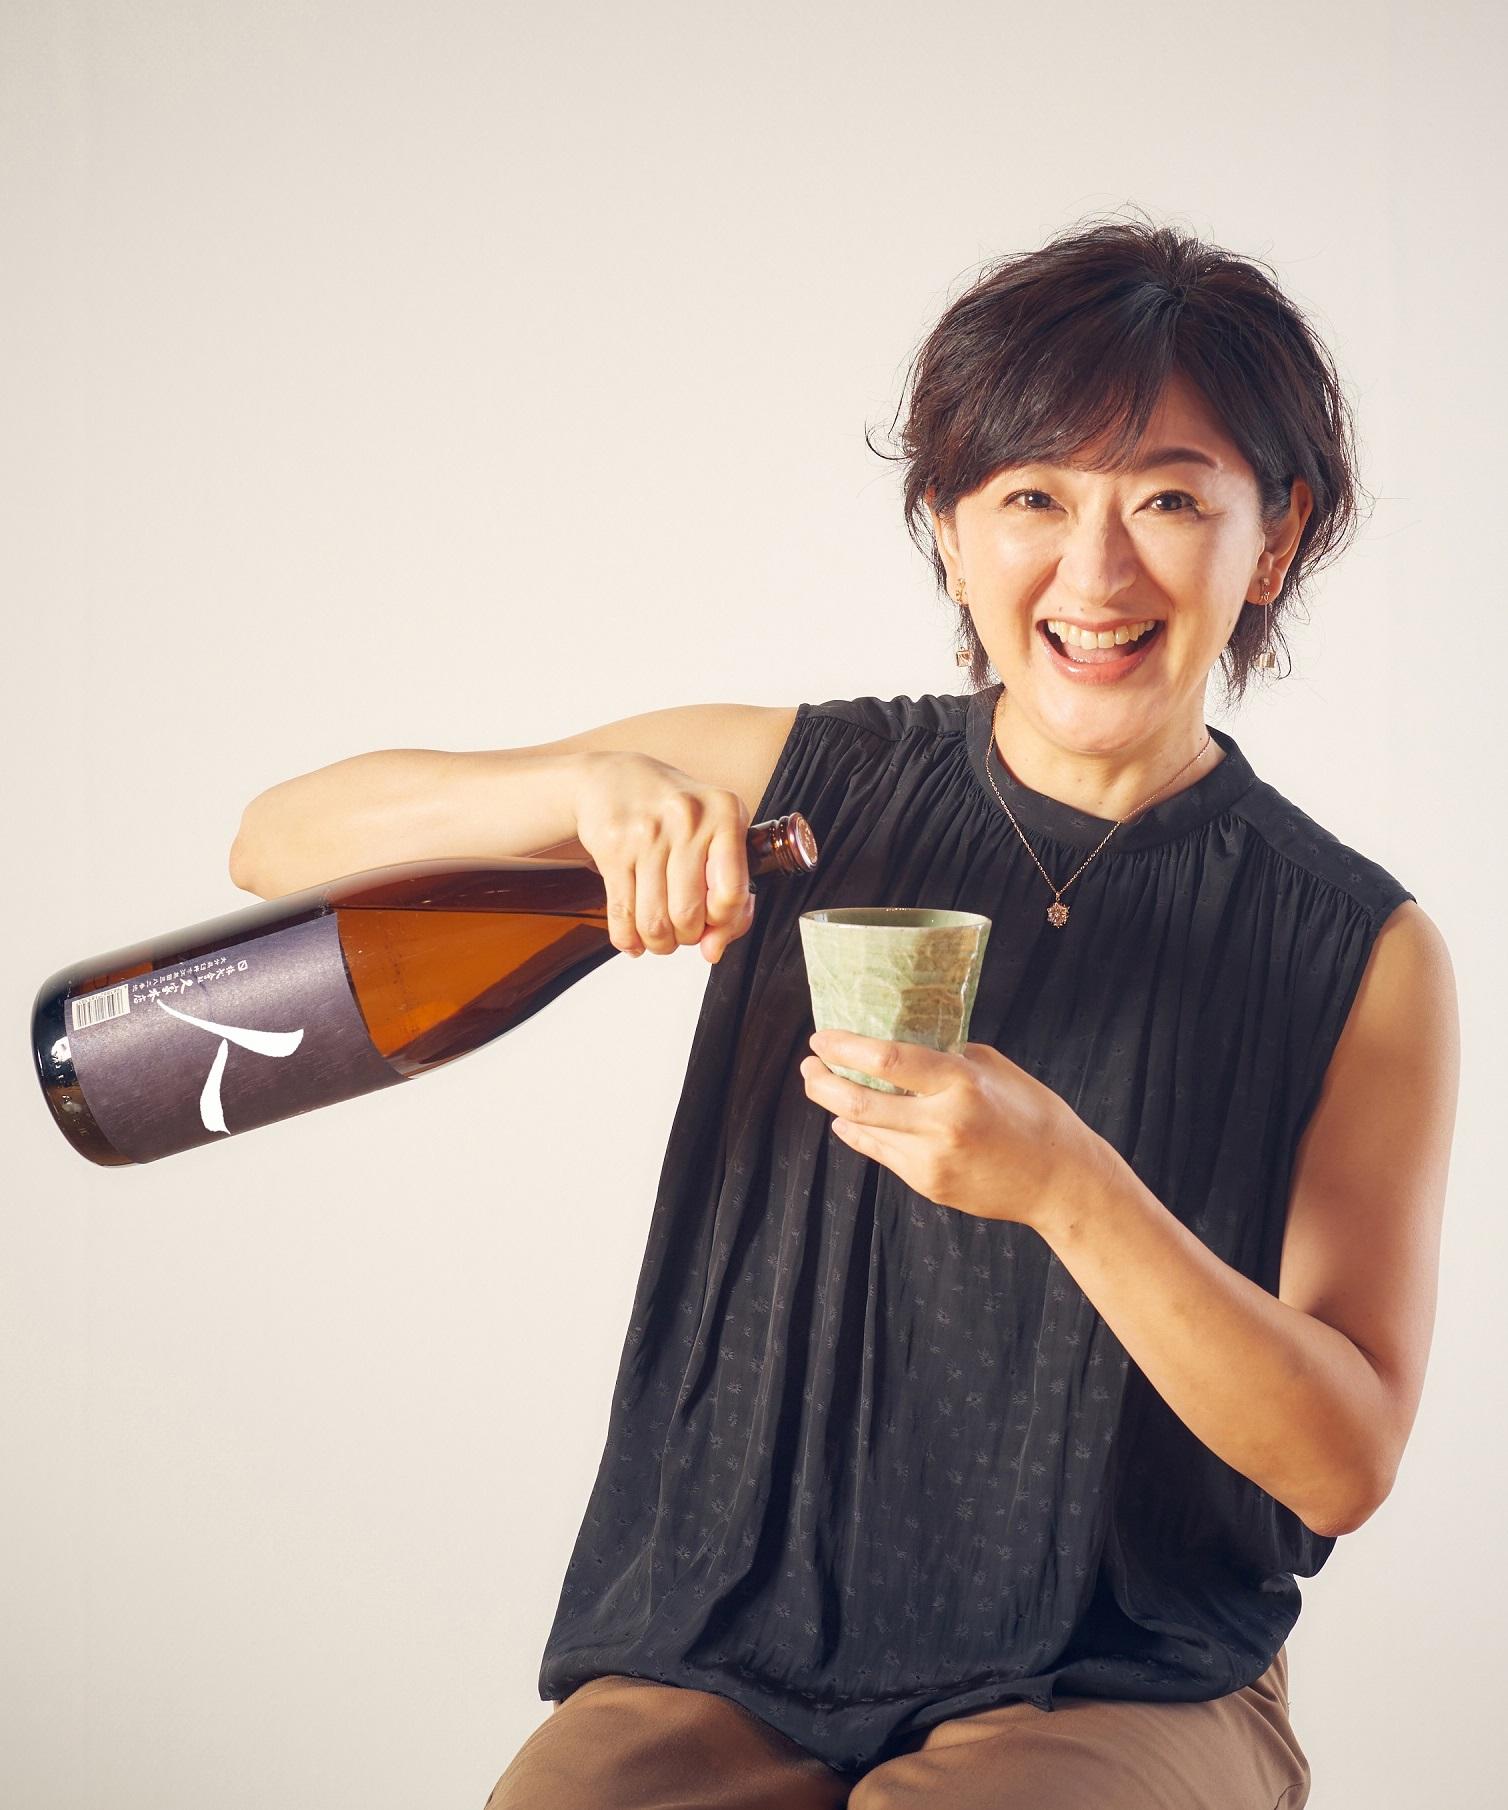 【オンラインイベント】スナックマミー第3回! ゲスト:小橋亜樹さん